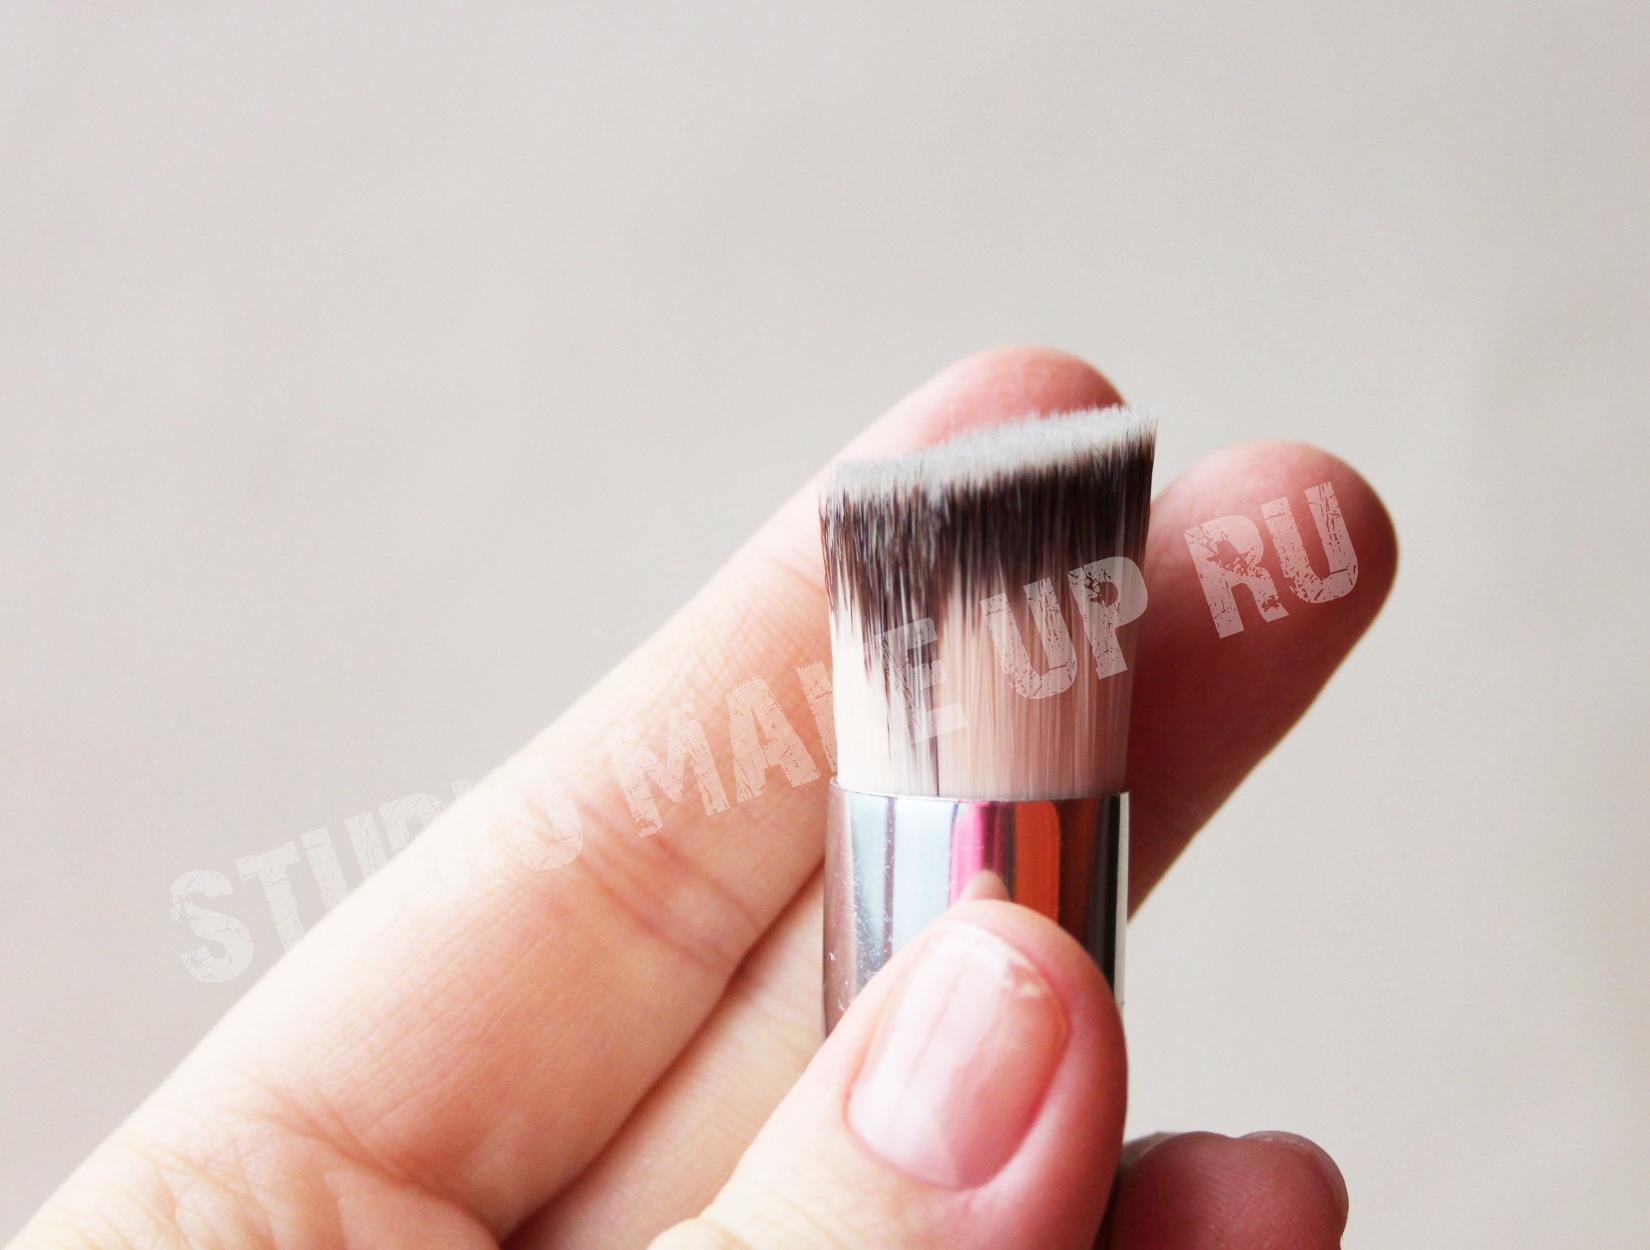 Кисть для кремовых текстур универсальнаяTF cosmetics HBF-02